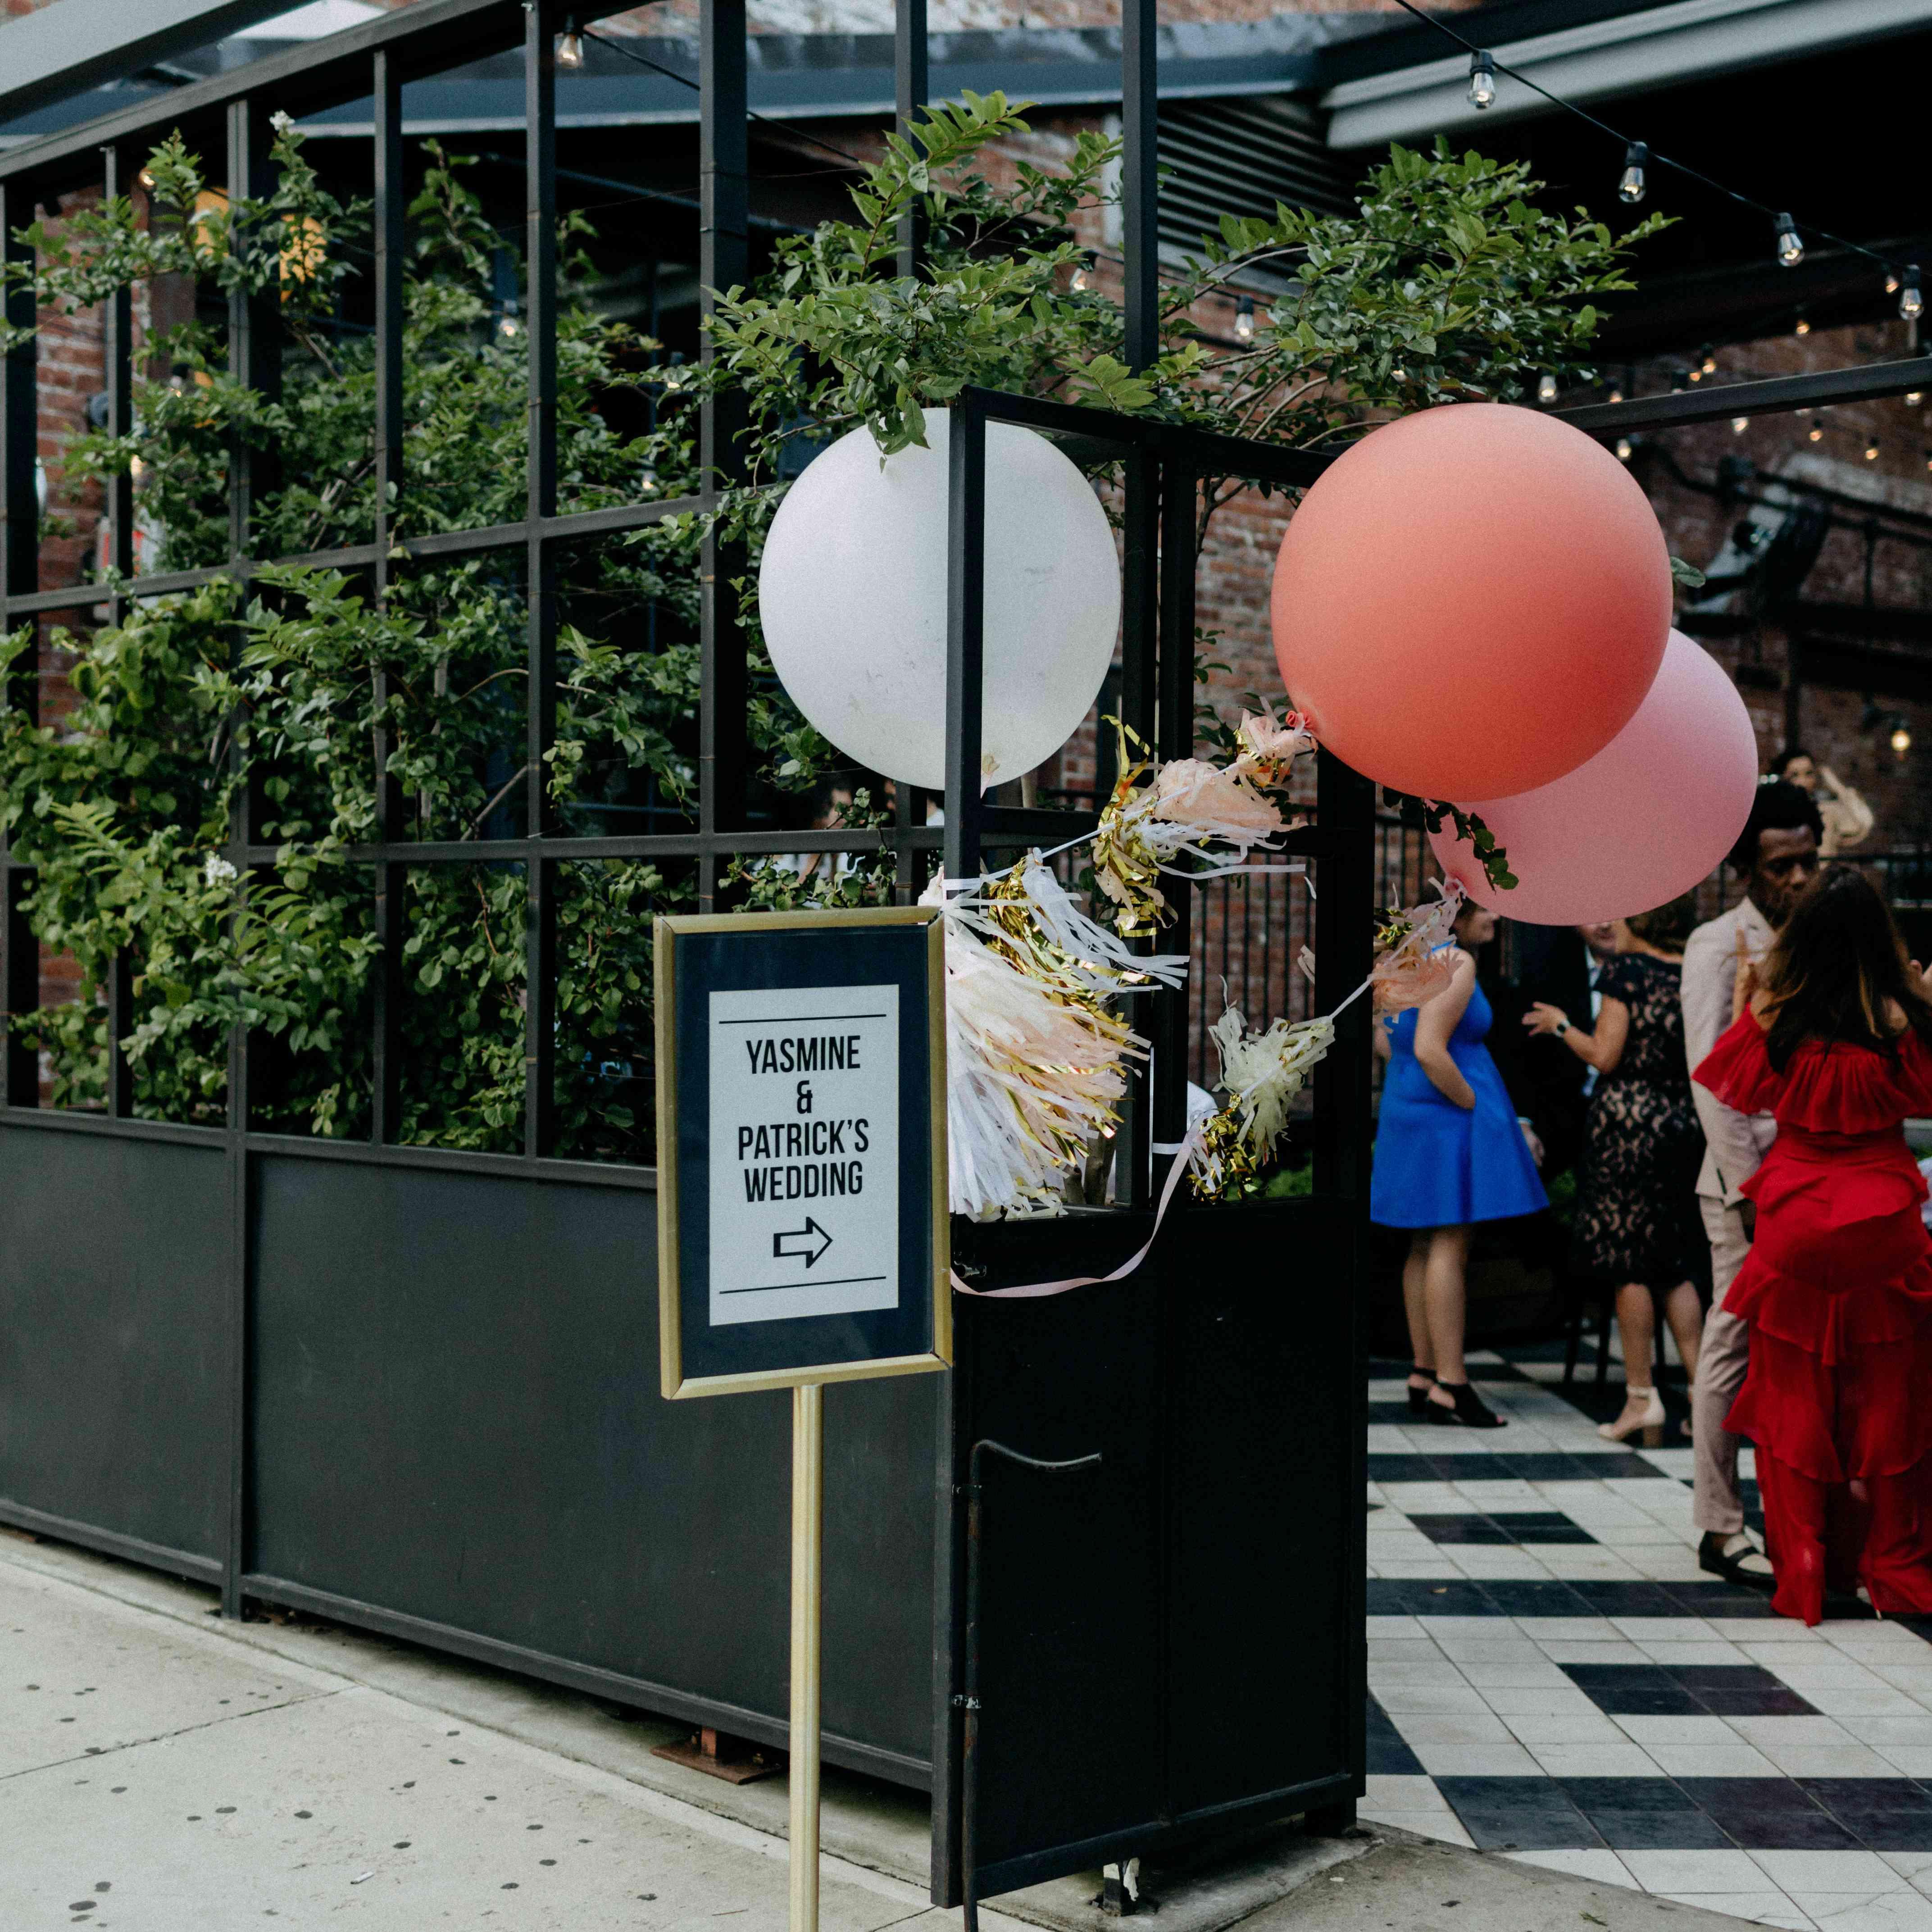 Reception at restaurant balloons